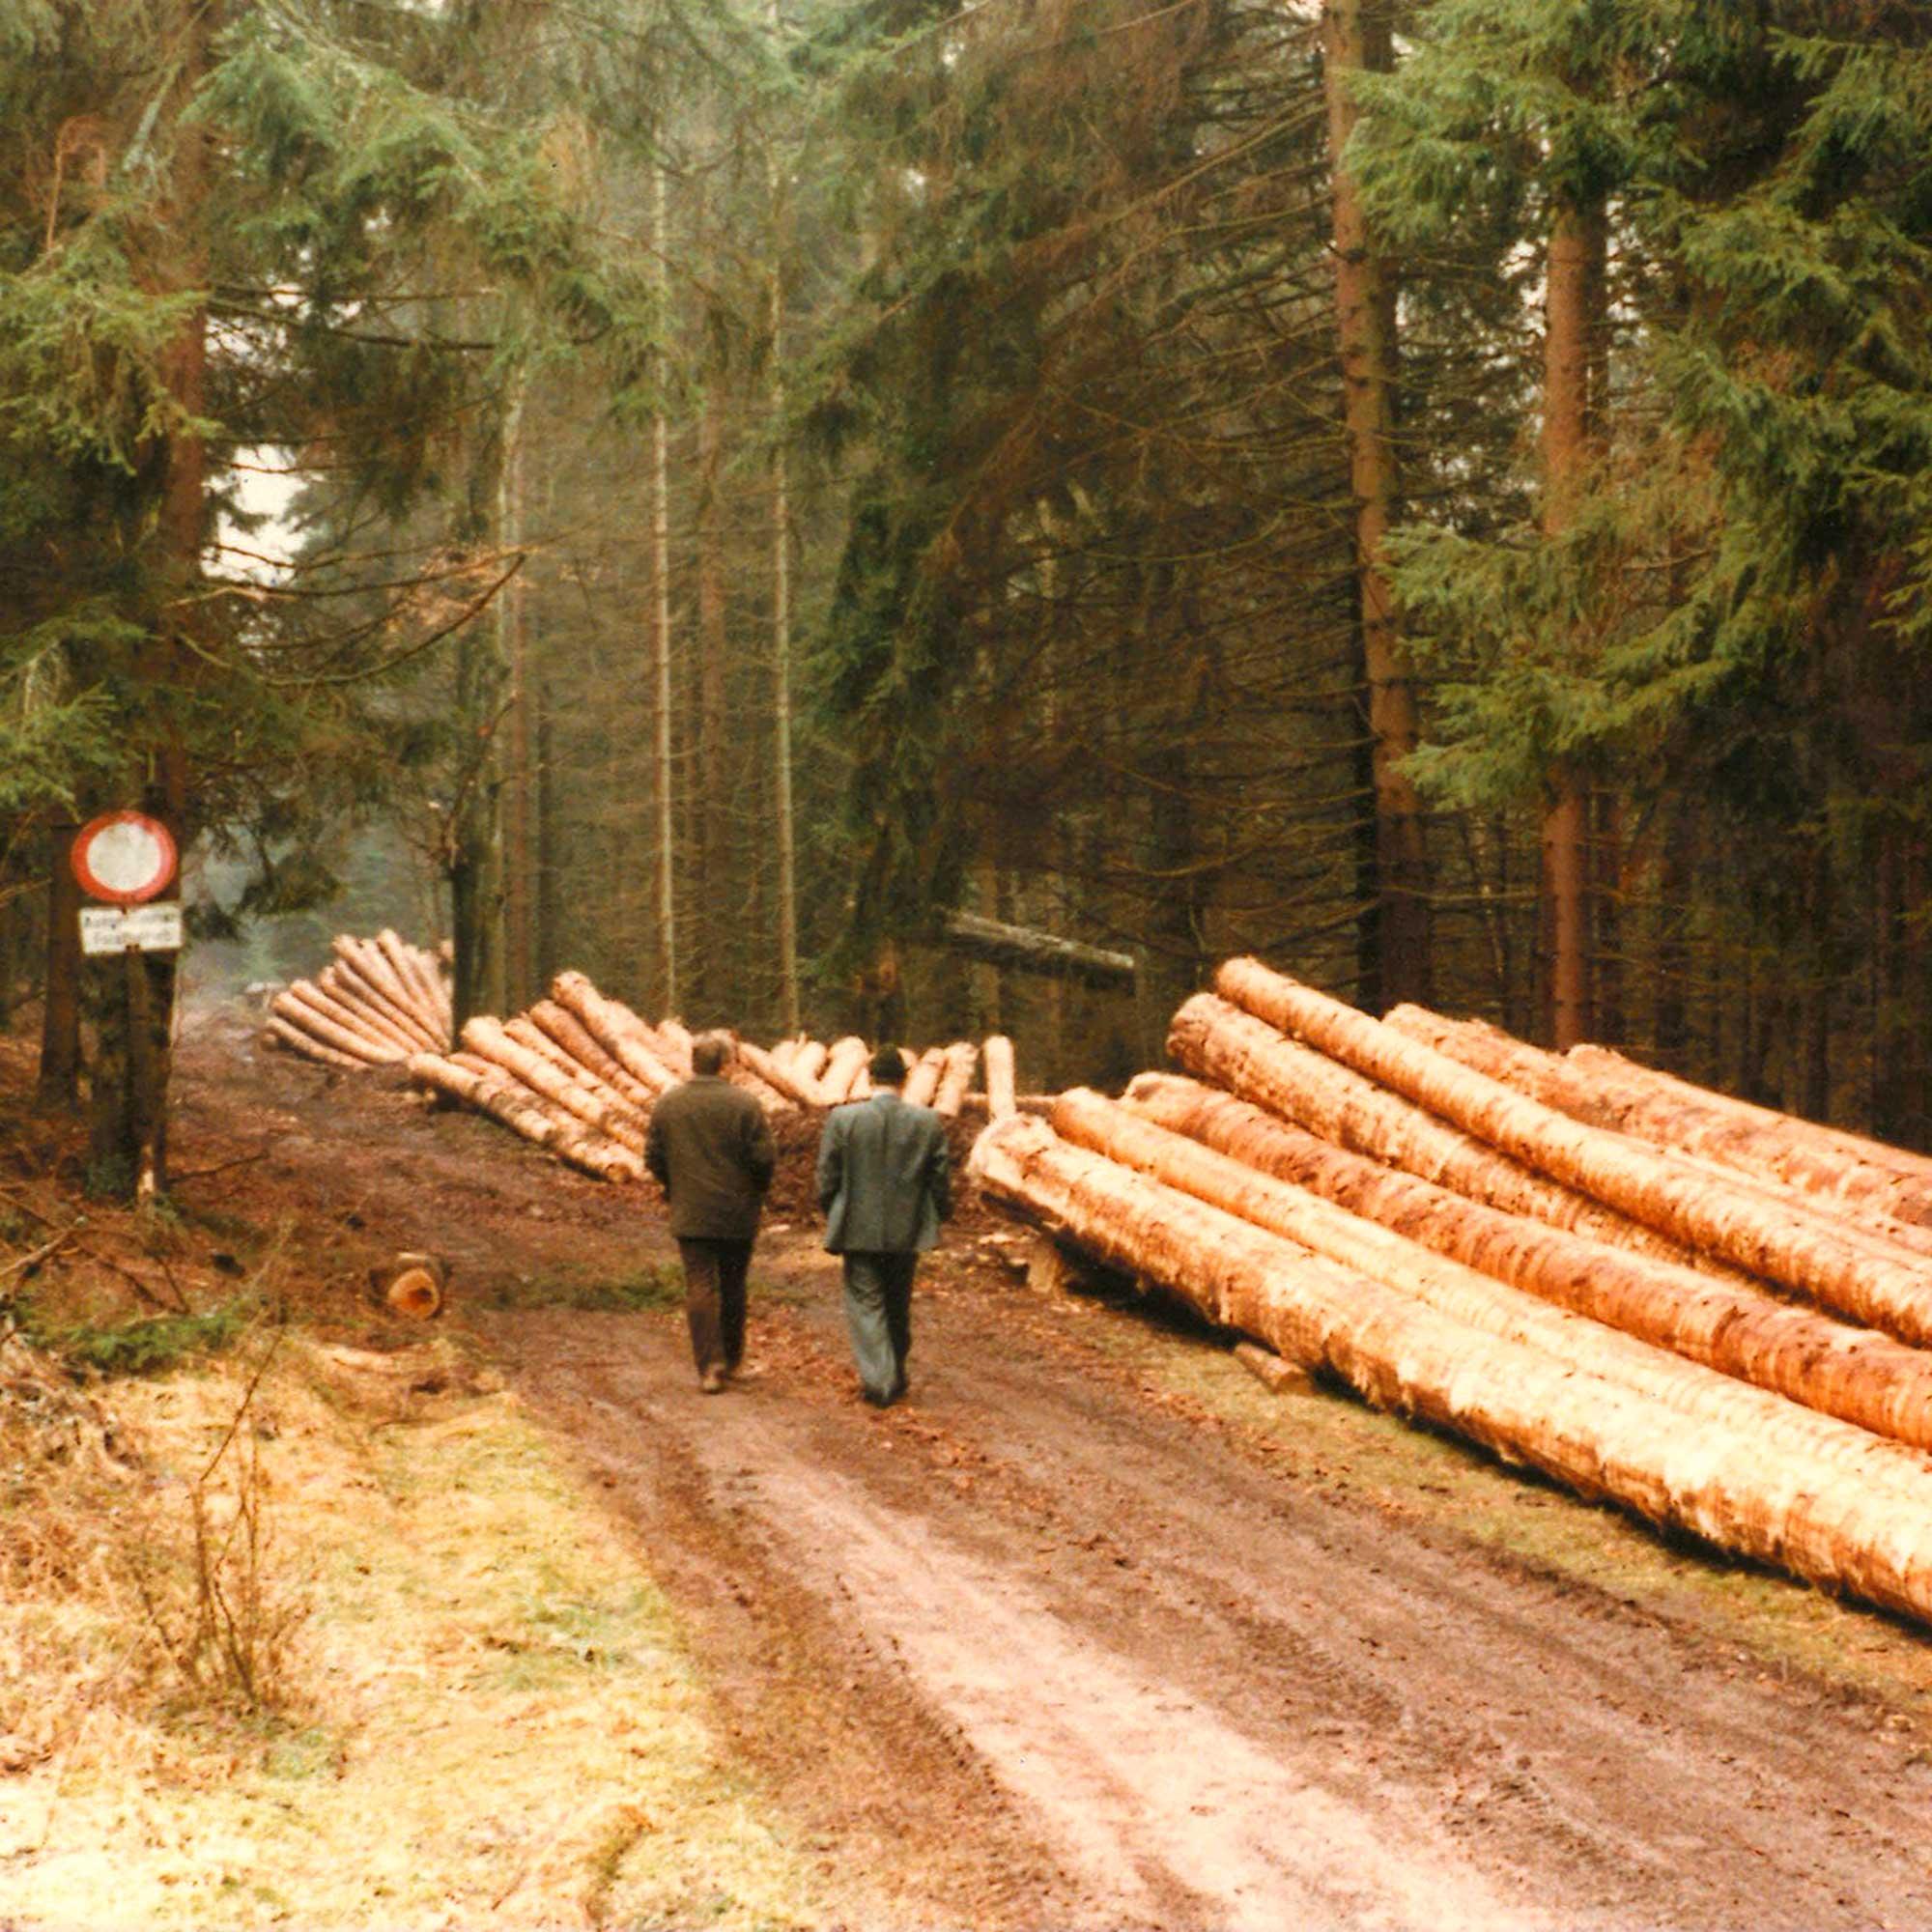 Frisch gefällte und von Rinde und Ästen befreite Baumstämme am Rand eines Waldwegs